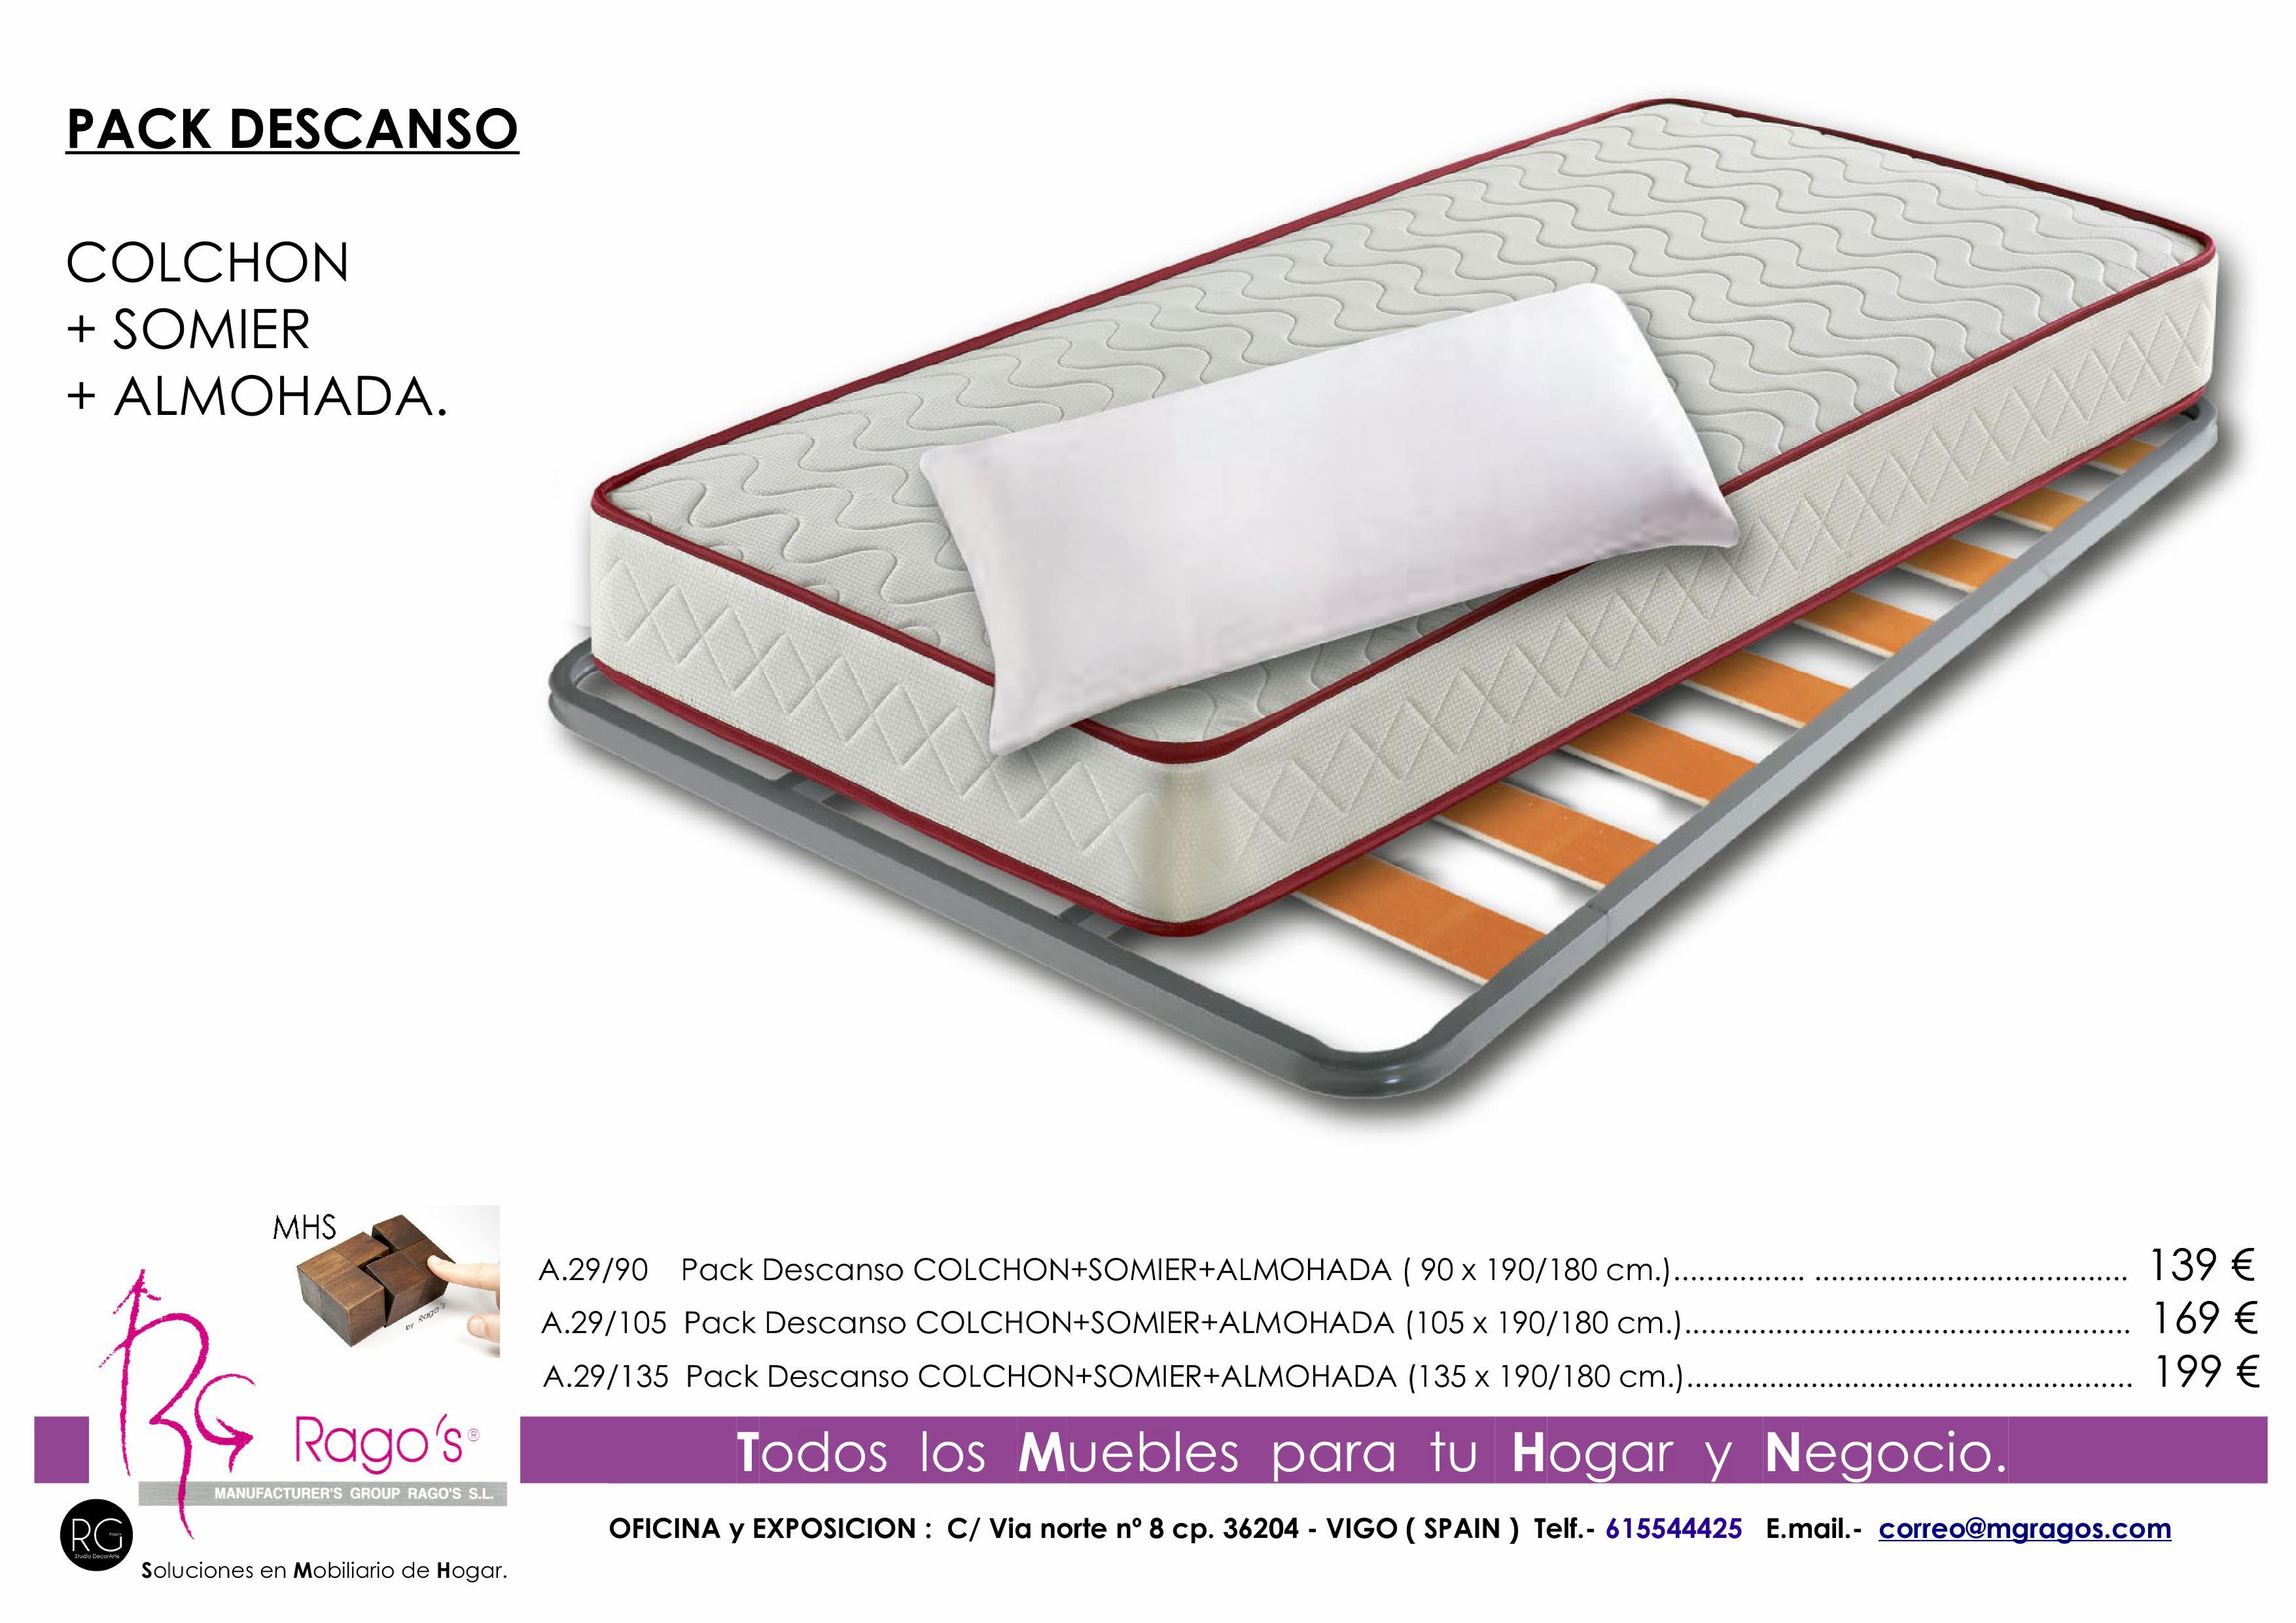 A.29 Colchón+Somier+Almohada Pag. nº 9